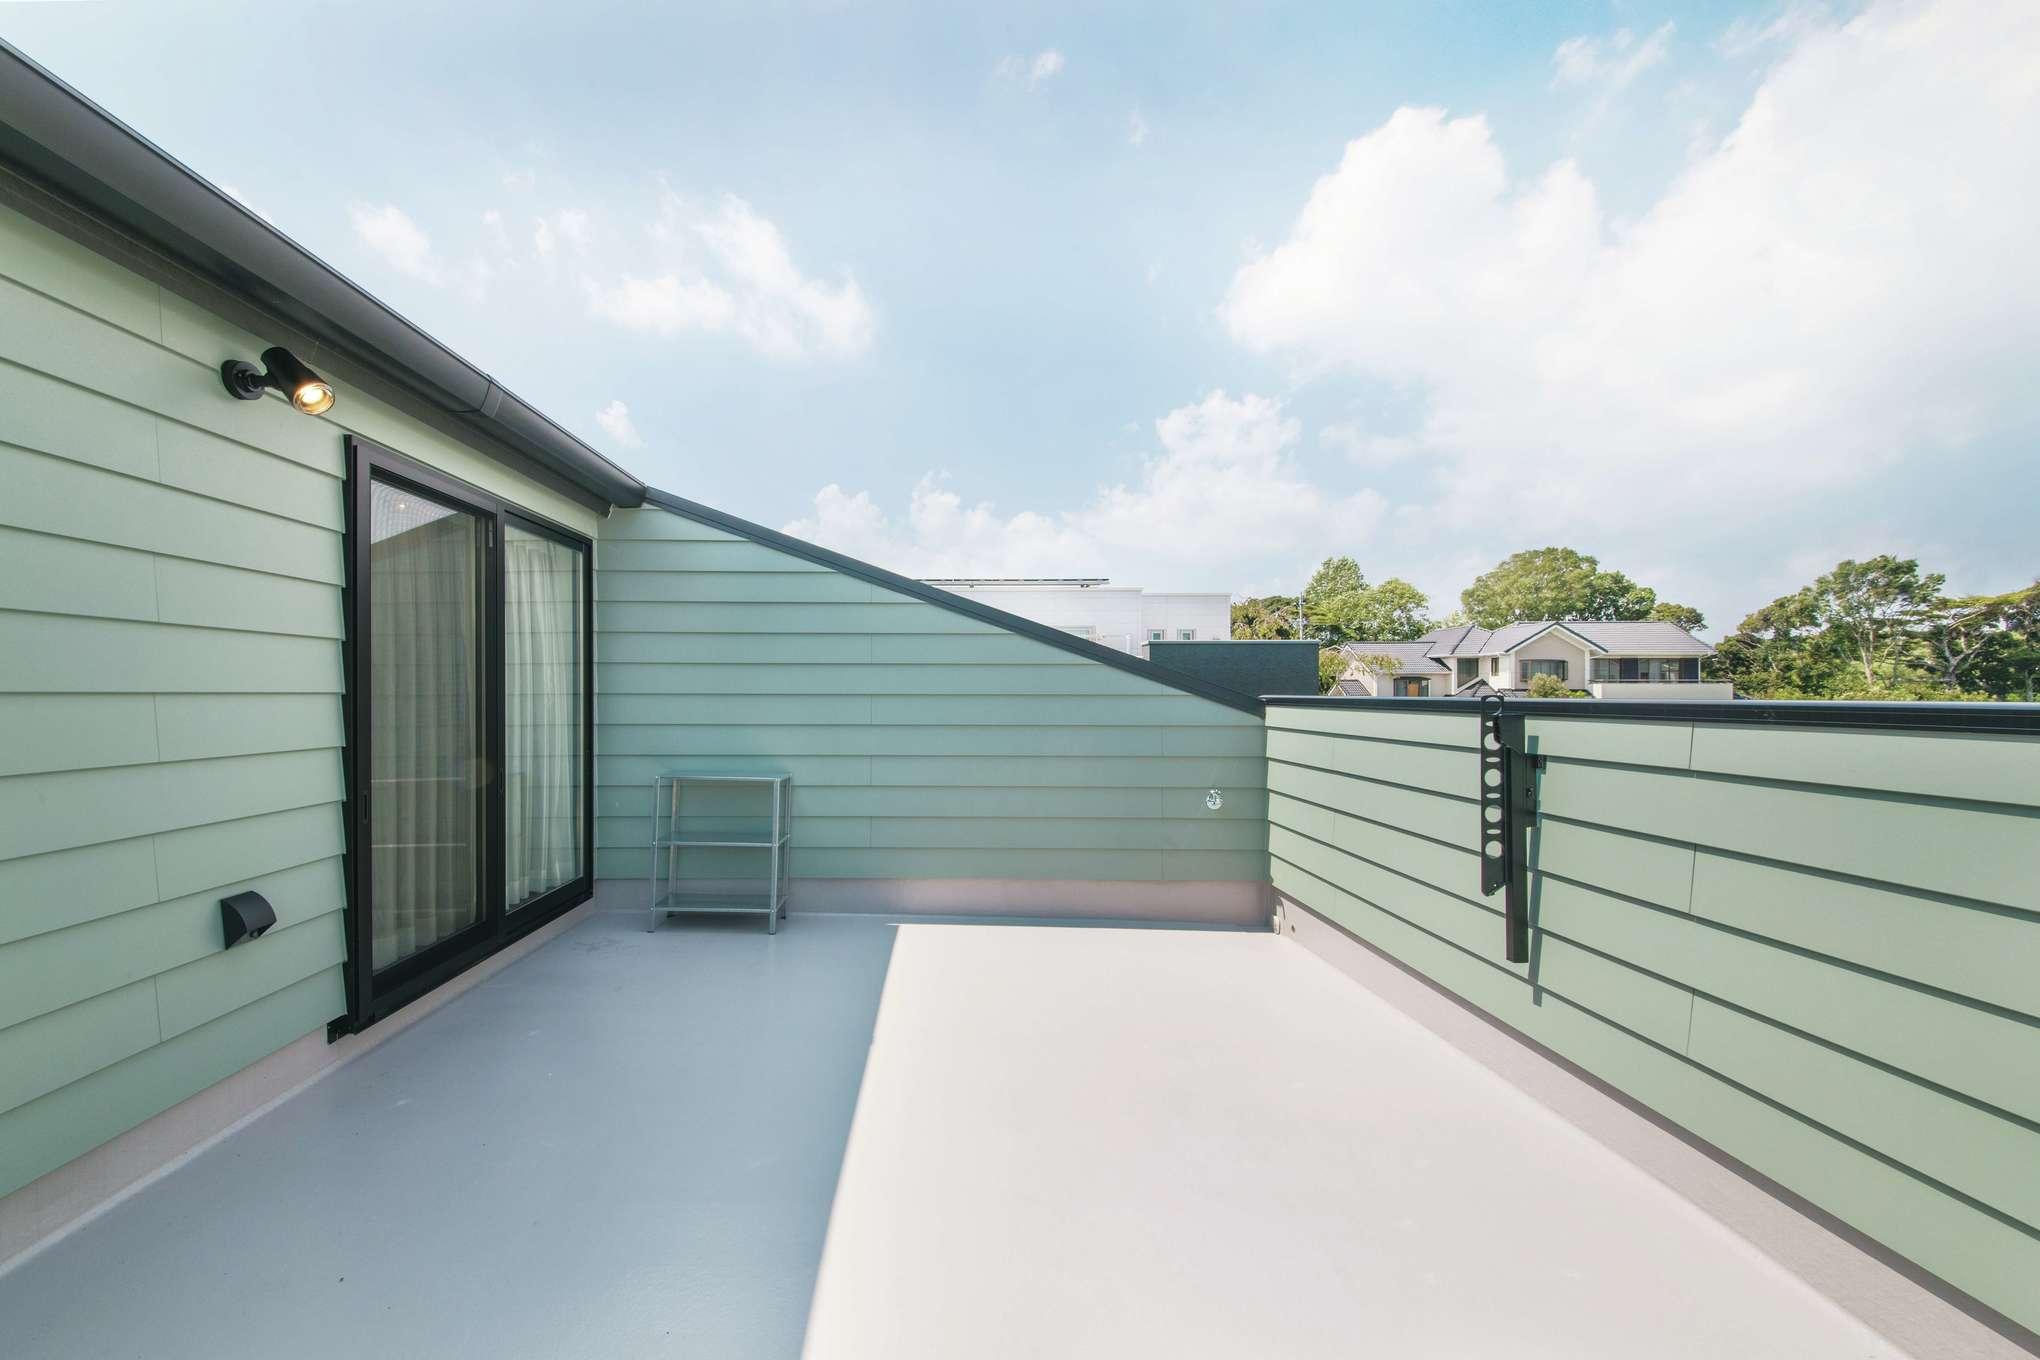 木場建築設計 KIBA-AD【デザイン住宅、屋上バルコニー、趣味】洗濯物を干すだけでなく、グランピングなども楽しめるルーフバルコニー